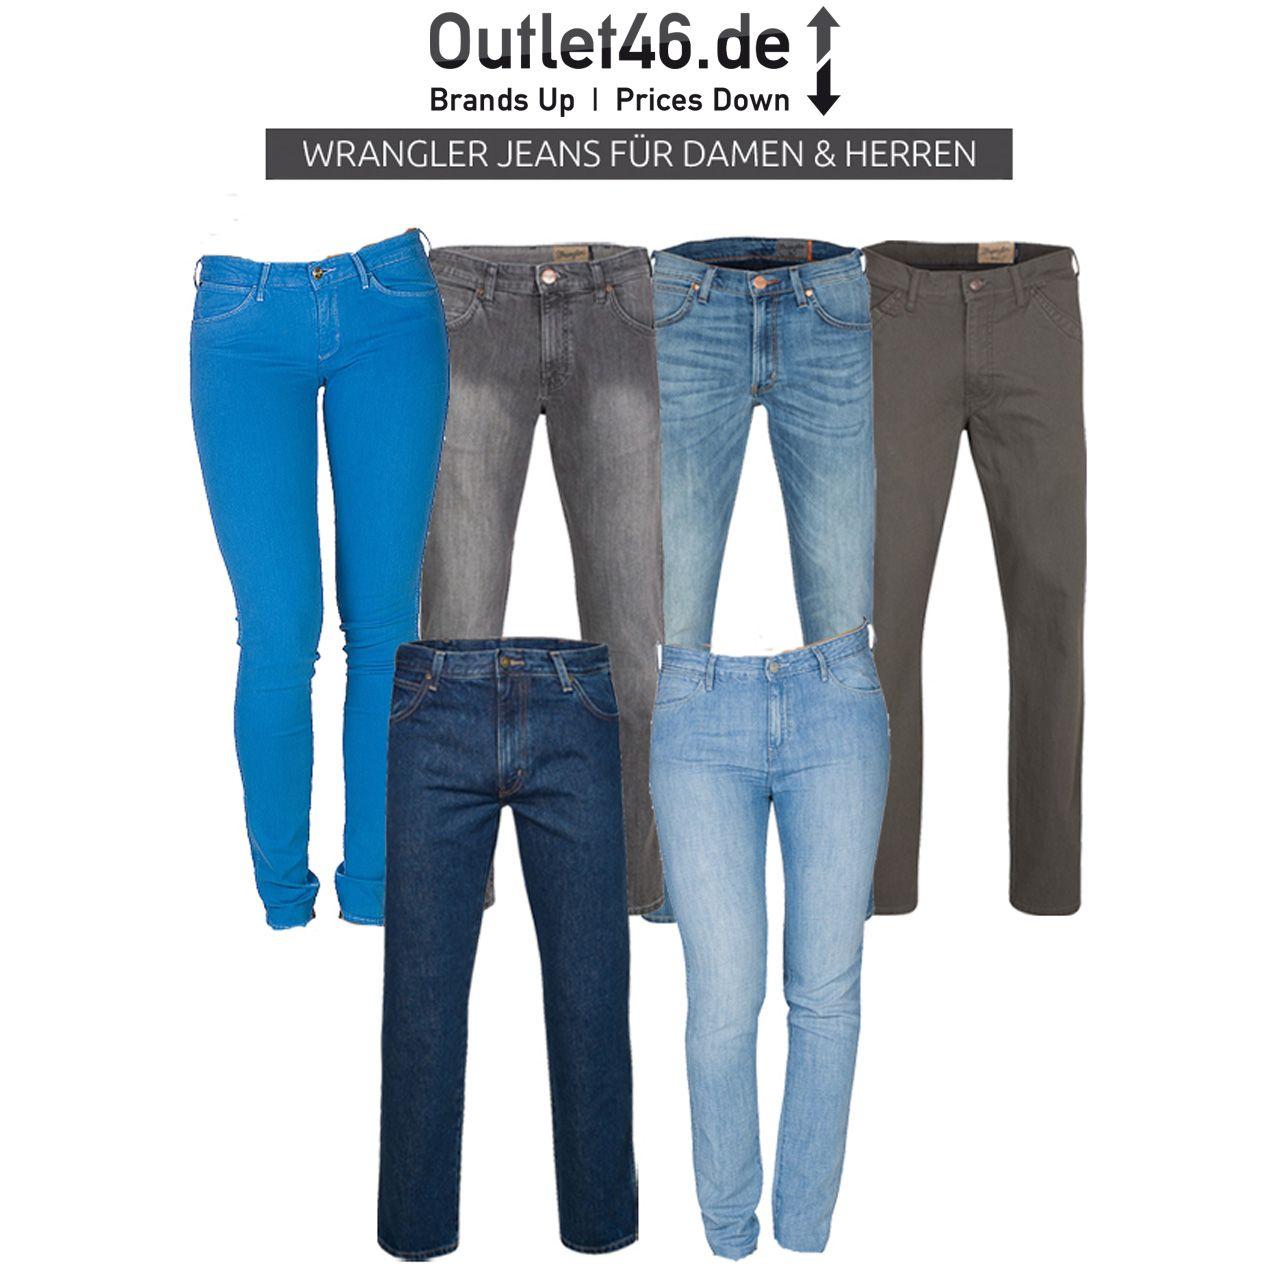 lee jeans für damen und herren ab 7,99€ l check: www